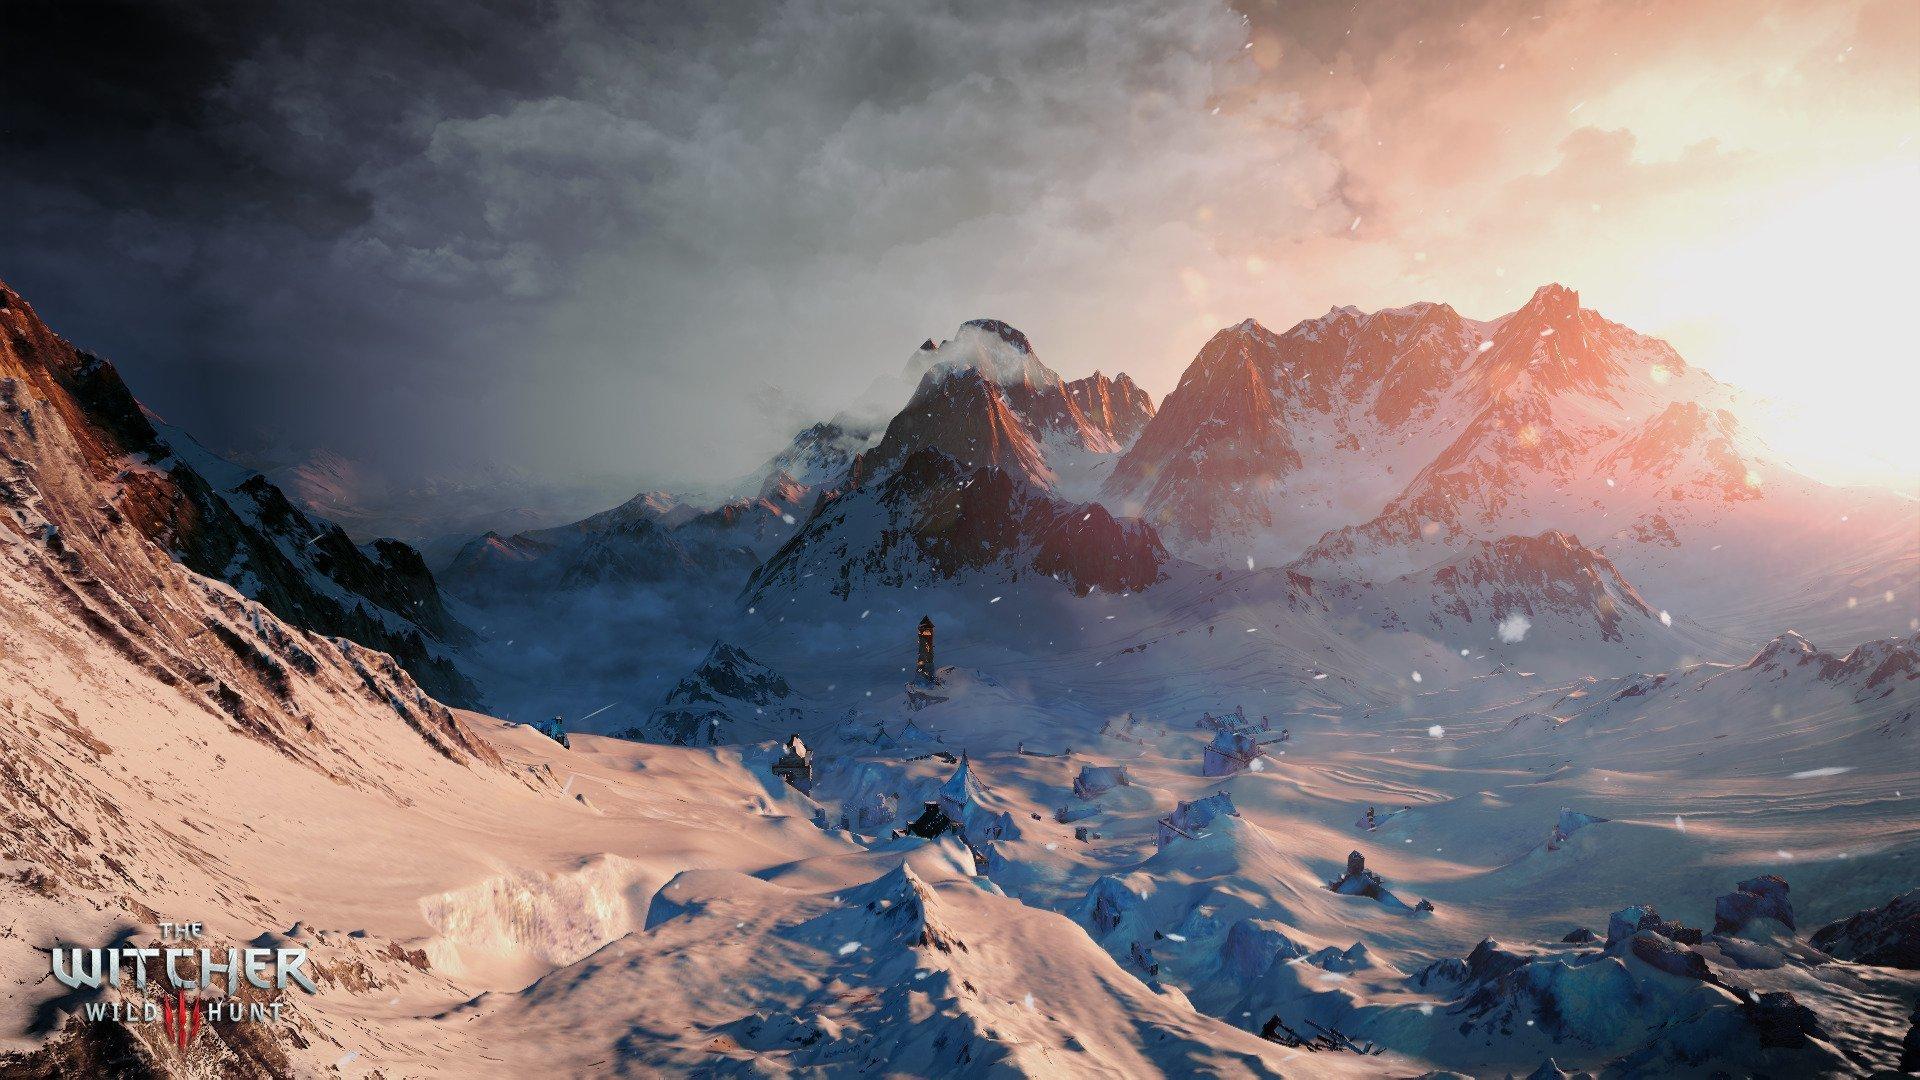 The Witcher 3: Wild Hunt. Все самое интересное за прошедшее время.   Новые факты о игре.   • Появилось огромное коли .... - Изображение 5